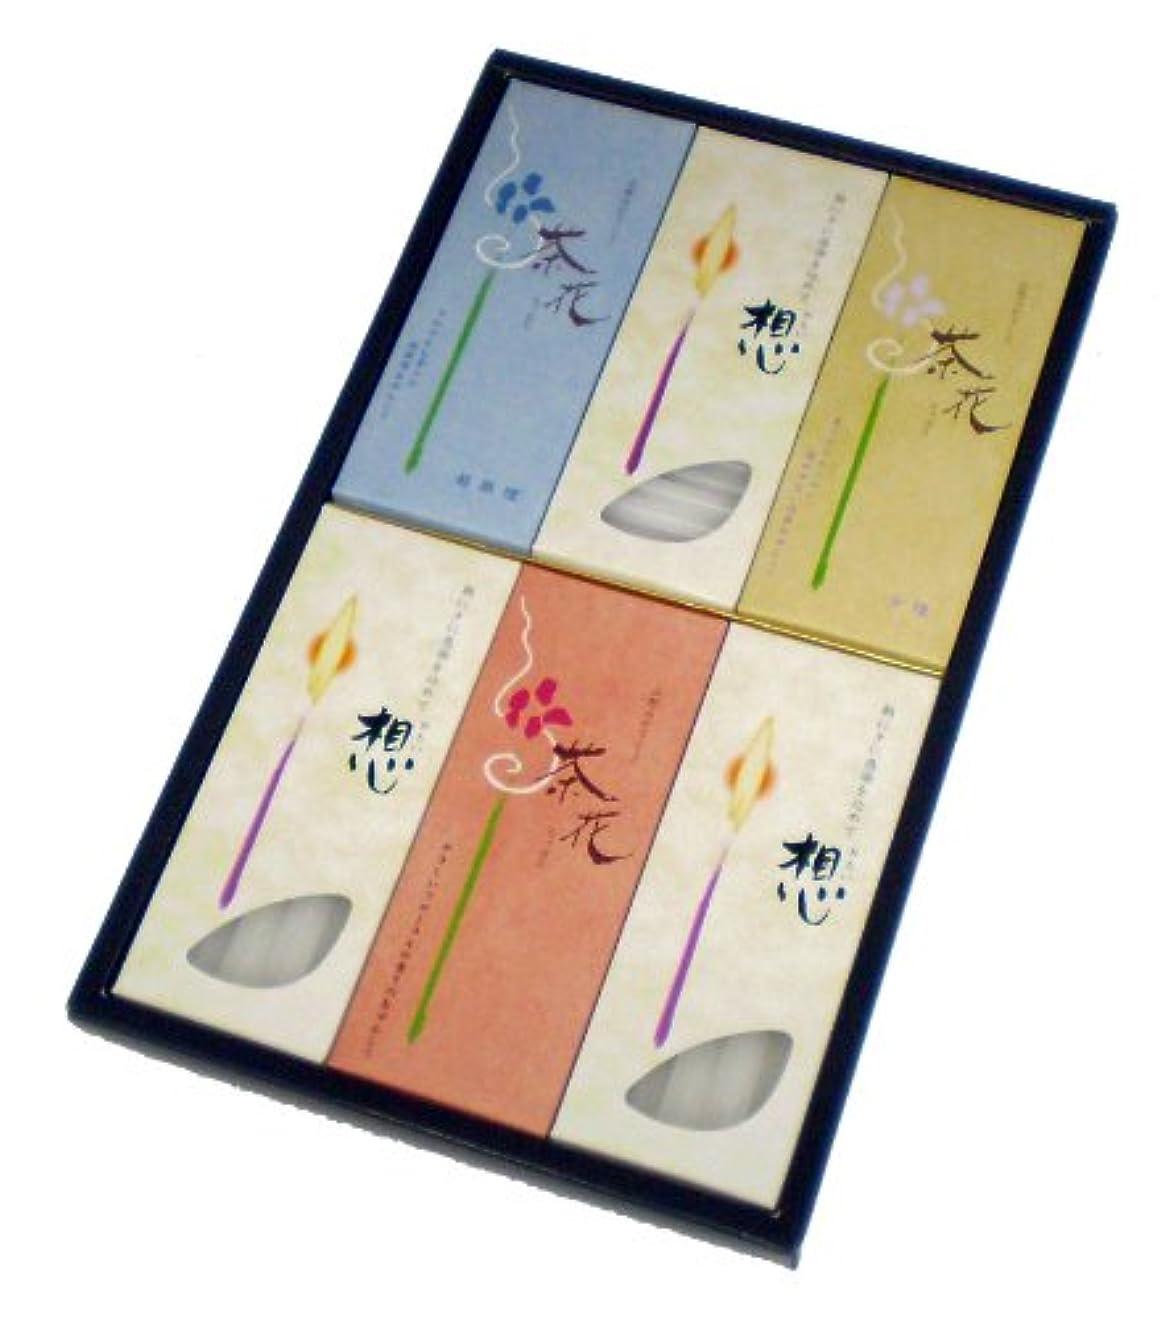 ポルティコ経済祝う尚林堂のお線香 茶花ギフト C